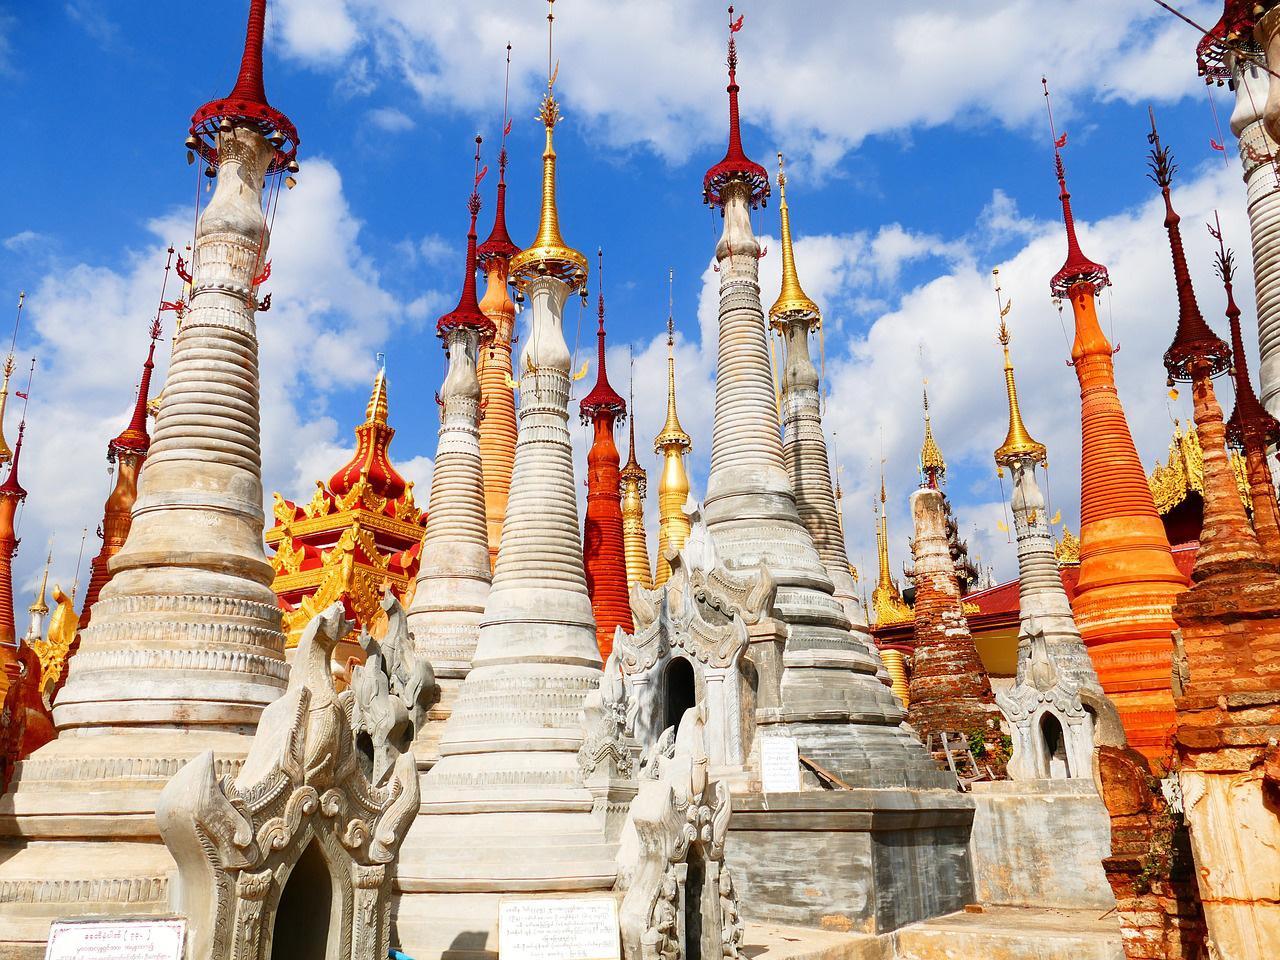 ミャンマー国民民主連盟の幹部が、新政権に移行後、国民の生活水準が向上していないことを明言